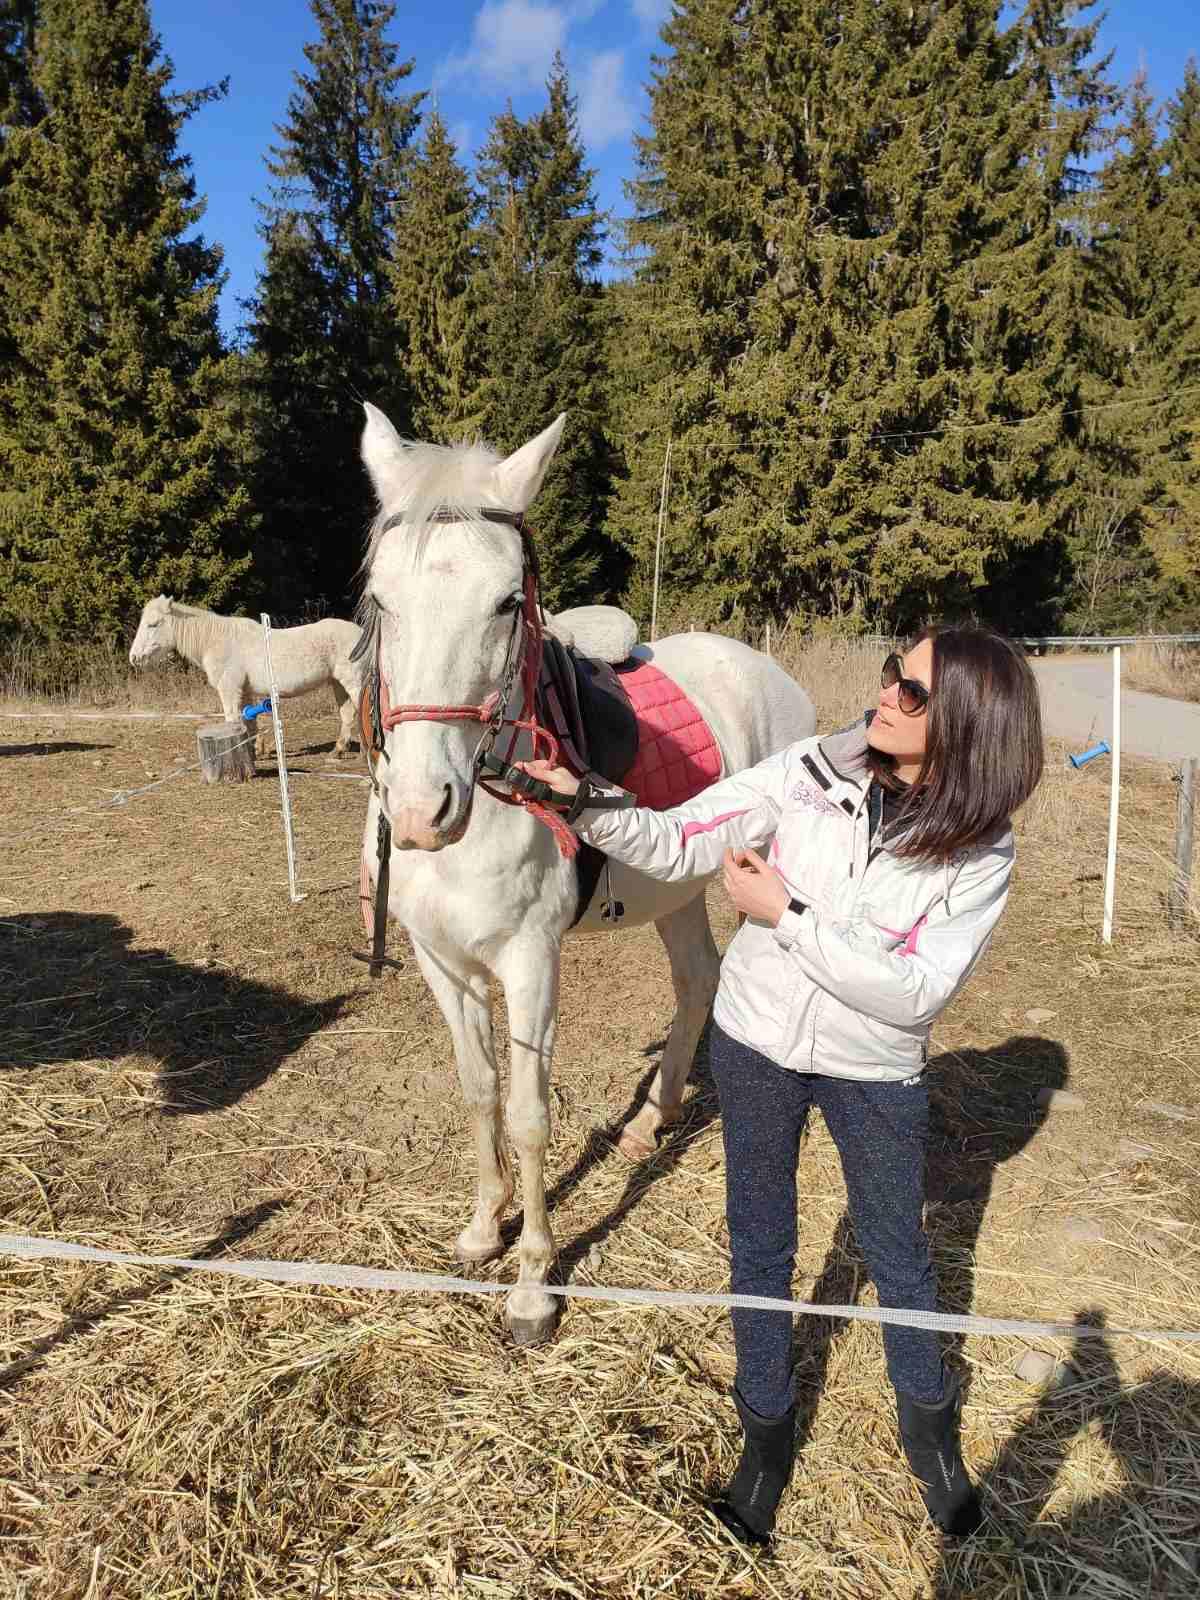 Enjoy horse riding